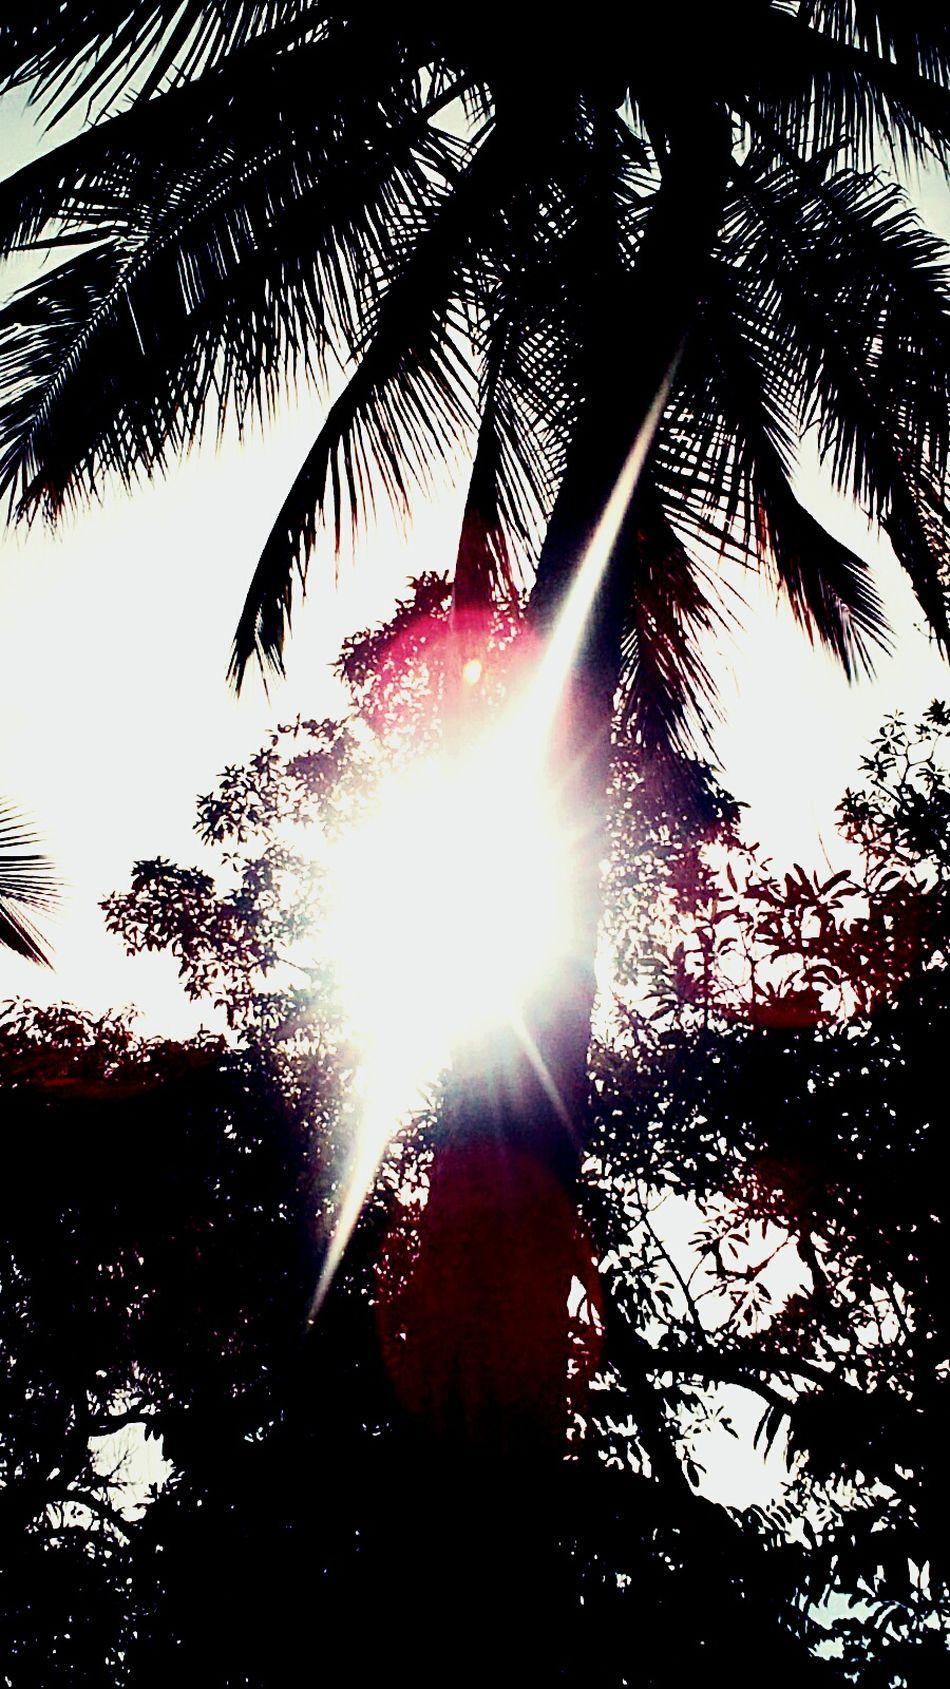 Que rico hueles a tropical Palma Luz Del Sol Buena Vibra Esto Es Mexico Costa Grande Guerrero